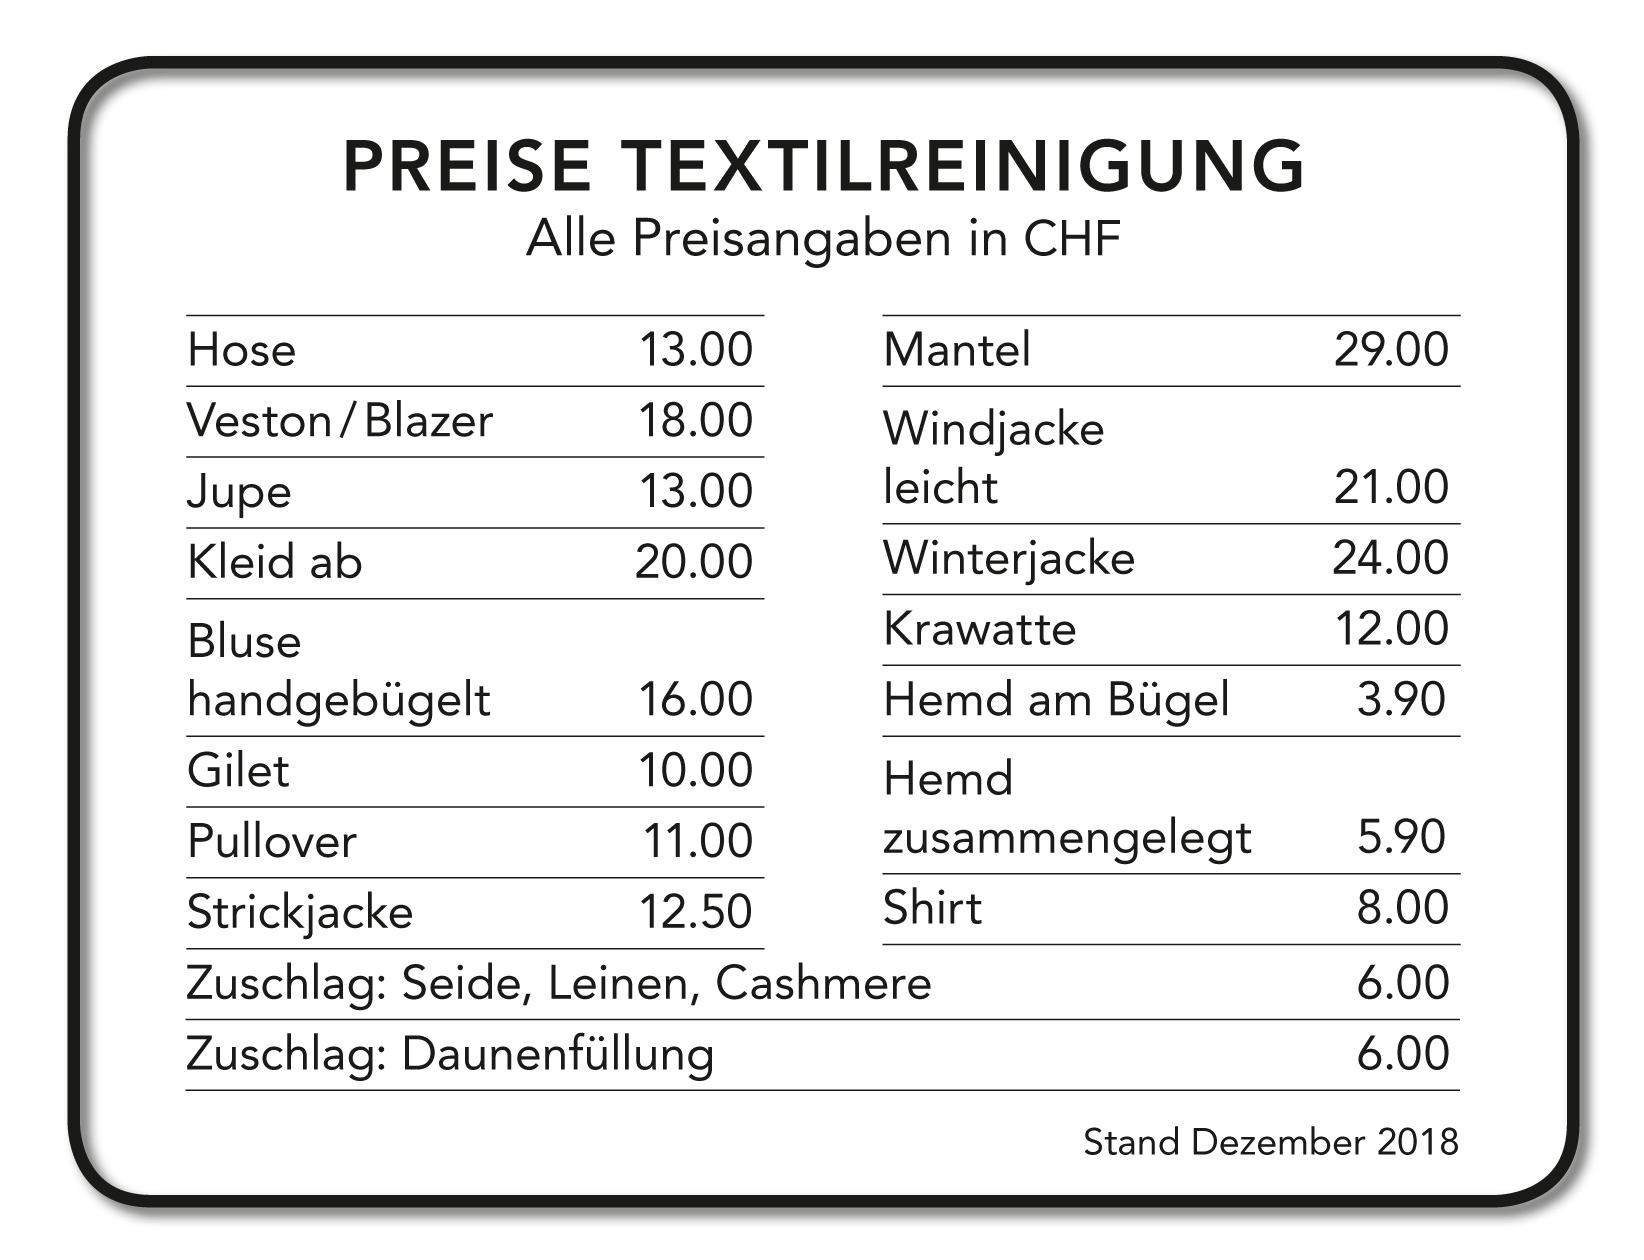 Textilreinigung Bernheim Textilreinigung Textilreinigung Mode Bernheim Mode Bernheim Textilreinigung Mode E29IDH